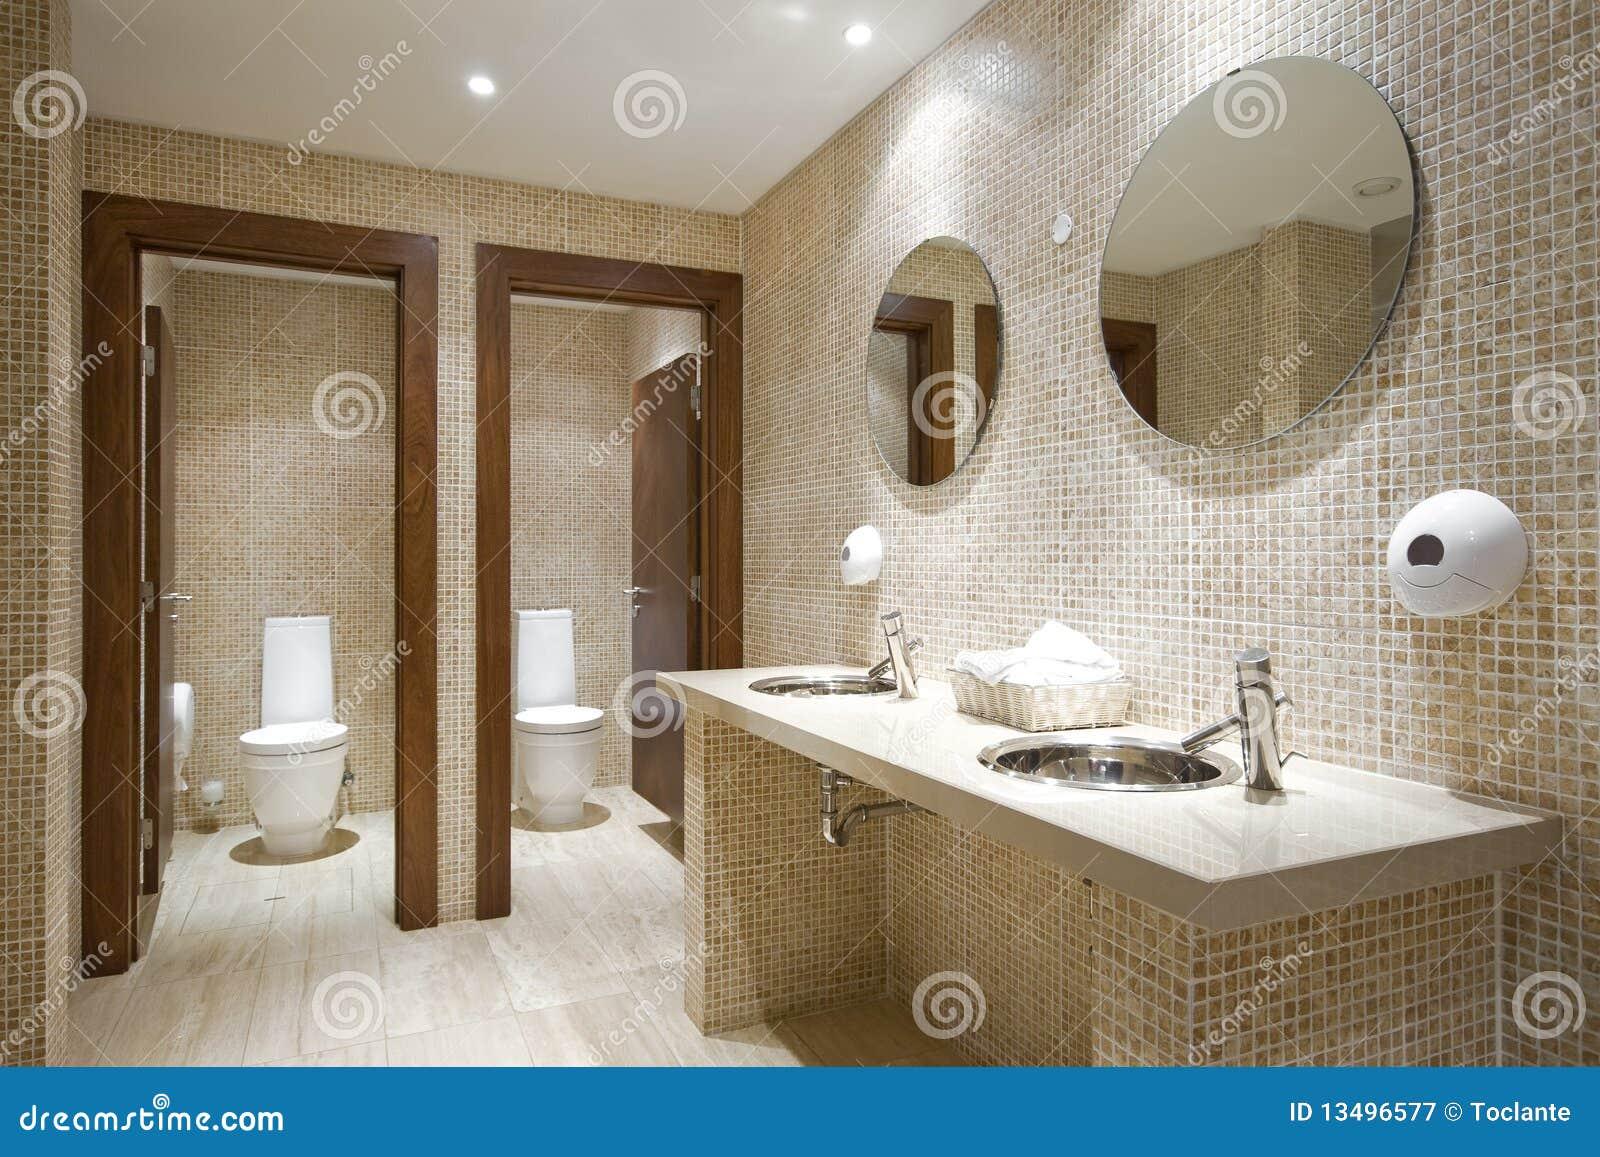 Banheiro Público Fotografia de Stock Royalty Free Imagem: 13496577 #85A922 1300 957